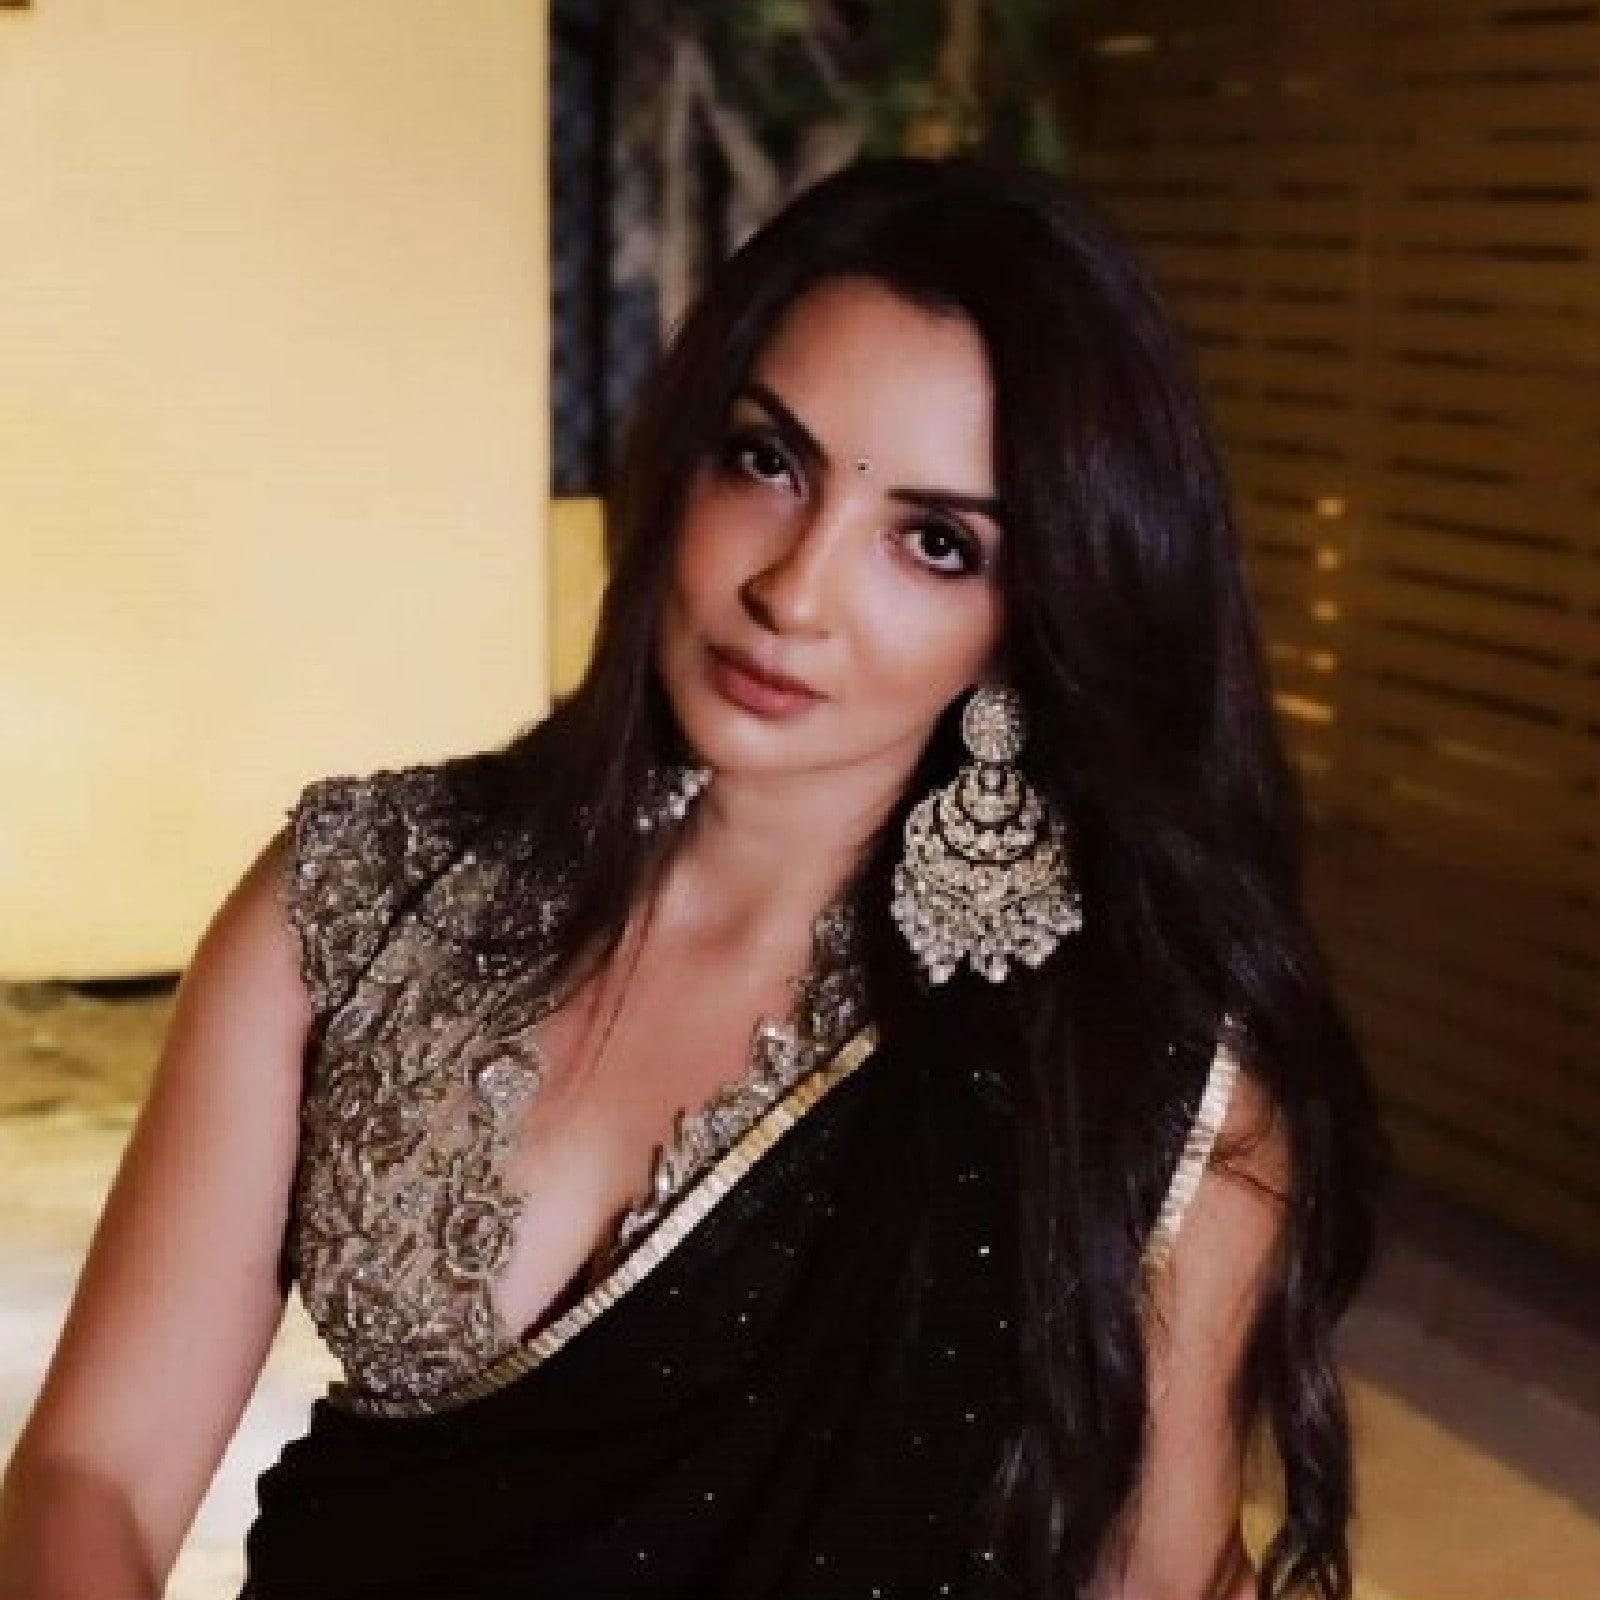 एक्टर सोहेल कपूर की वाइफ सीमा खान एक जानी-मानी फैशन डिज़ाइनर हैं. यही नहीं सीमा खान मुंबई के बांद्रा में एक लग्ज़री बुटीक भी चलाती हैं. File photo